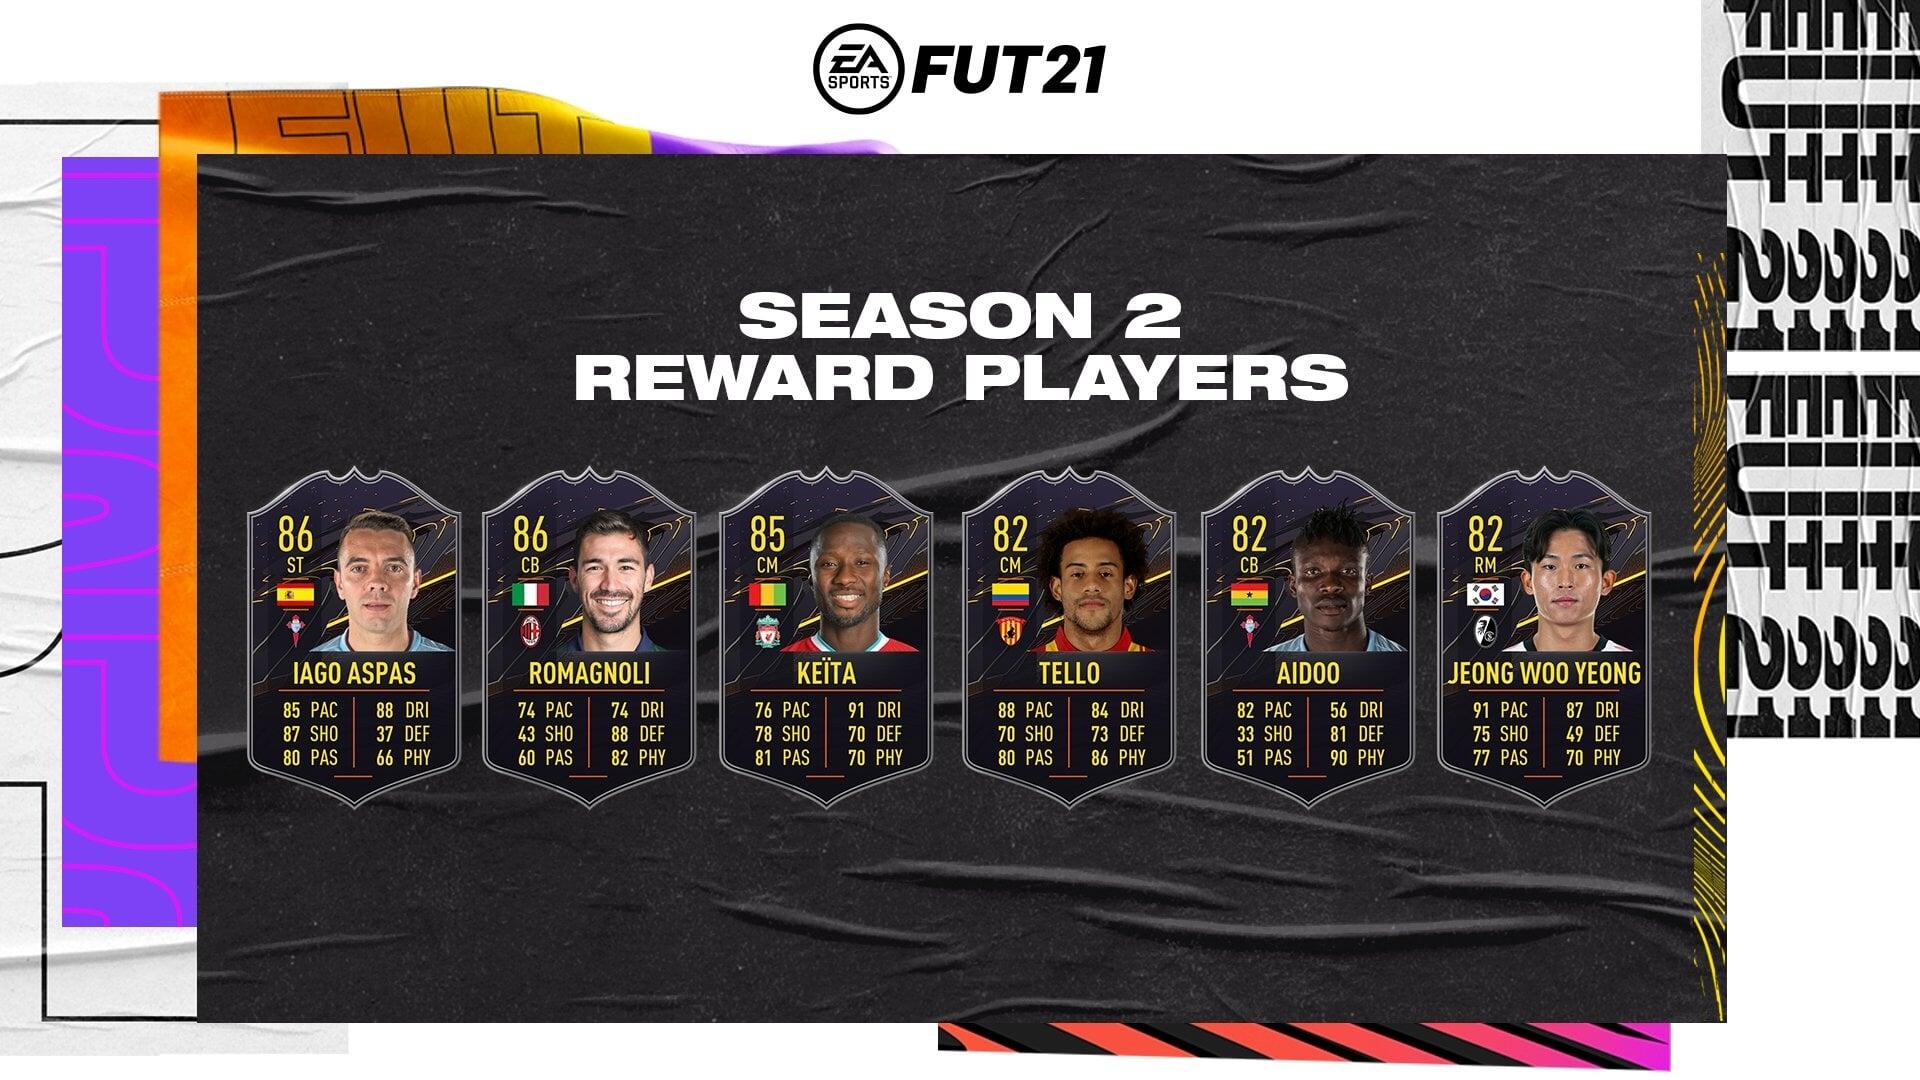 Во втором сезоне FIFA 21 можно получить карточки Наби Кейта и Алессио Романьоли